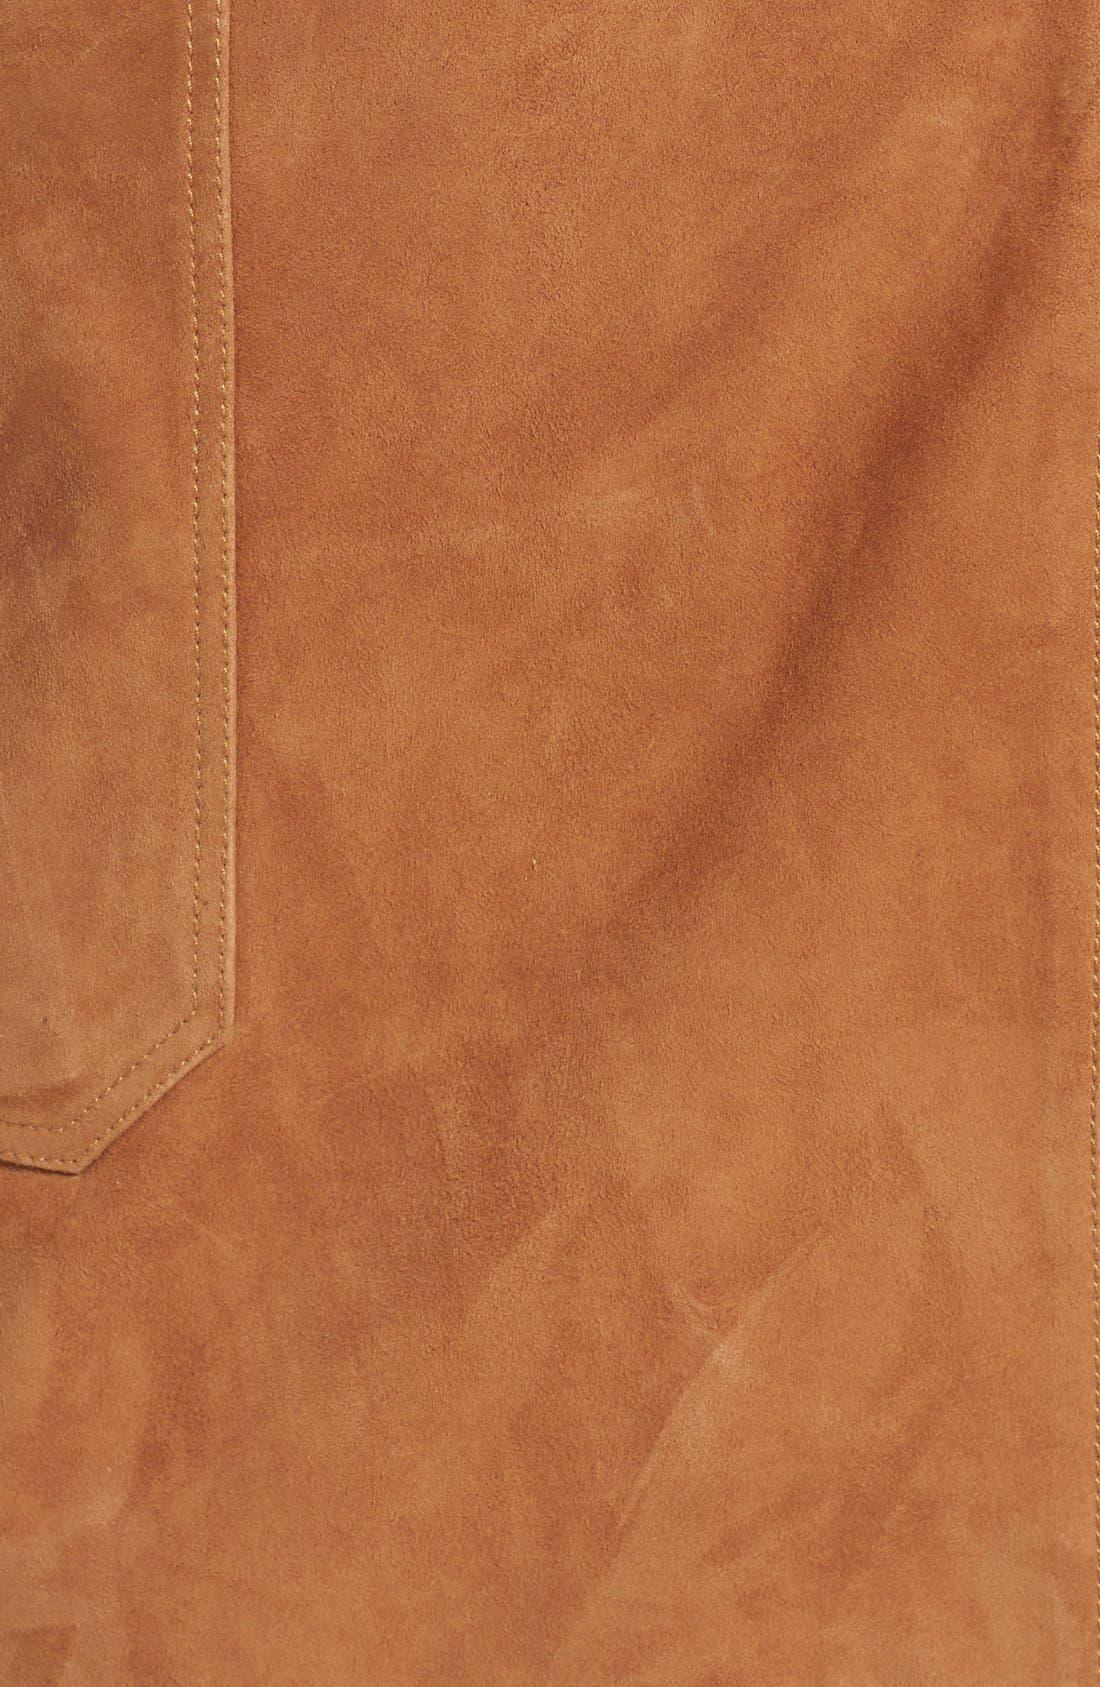 Suede Wrap Miniskirt,                             Alternate thumbnail 4, color,                             235